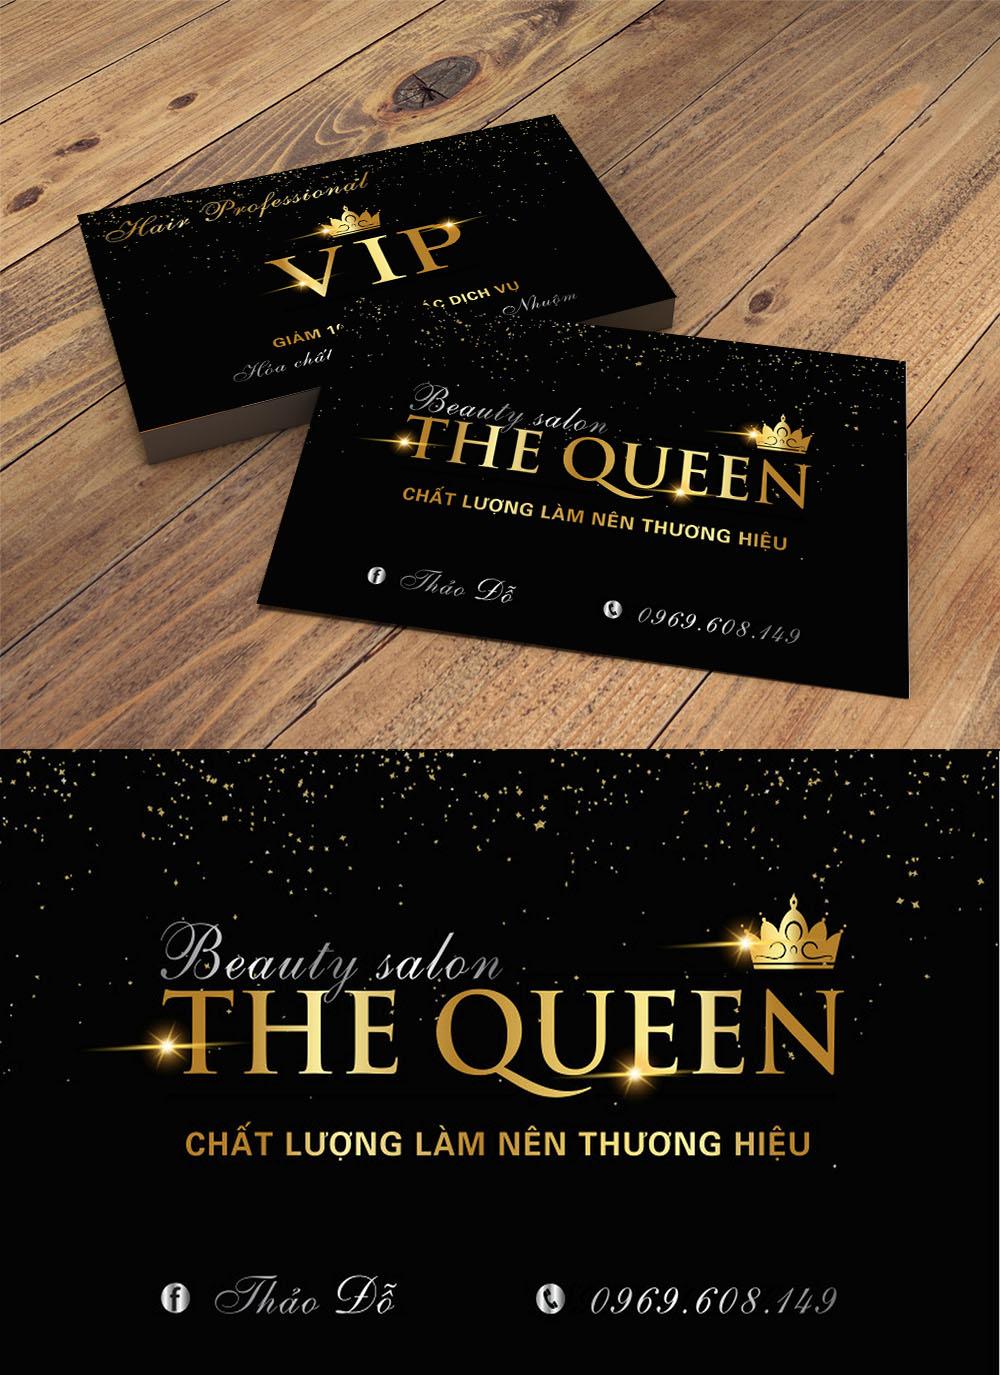 Mẫu thẻ vip the queen